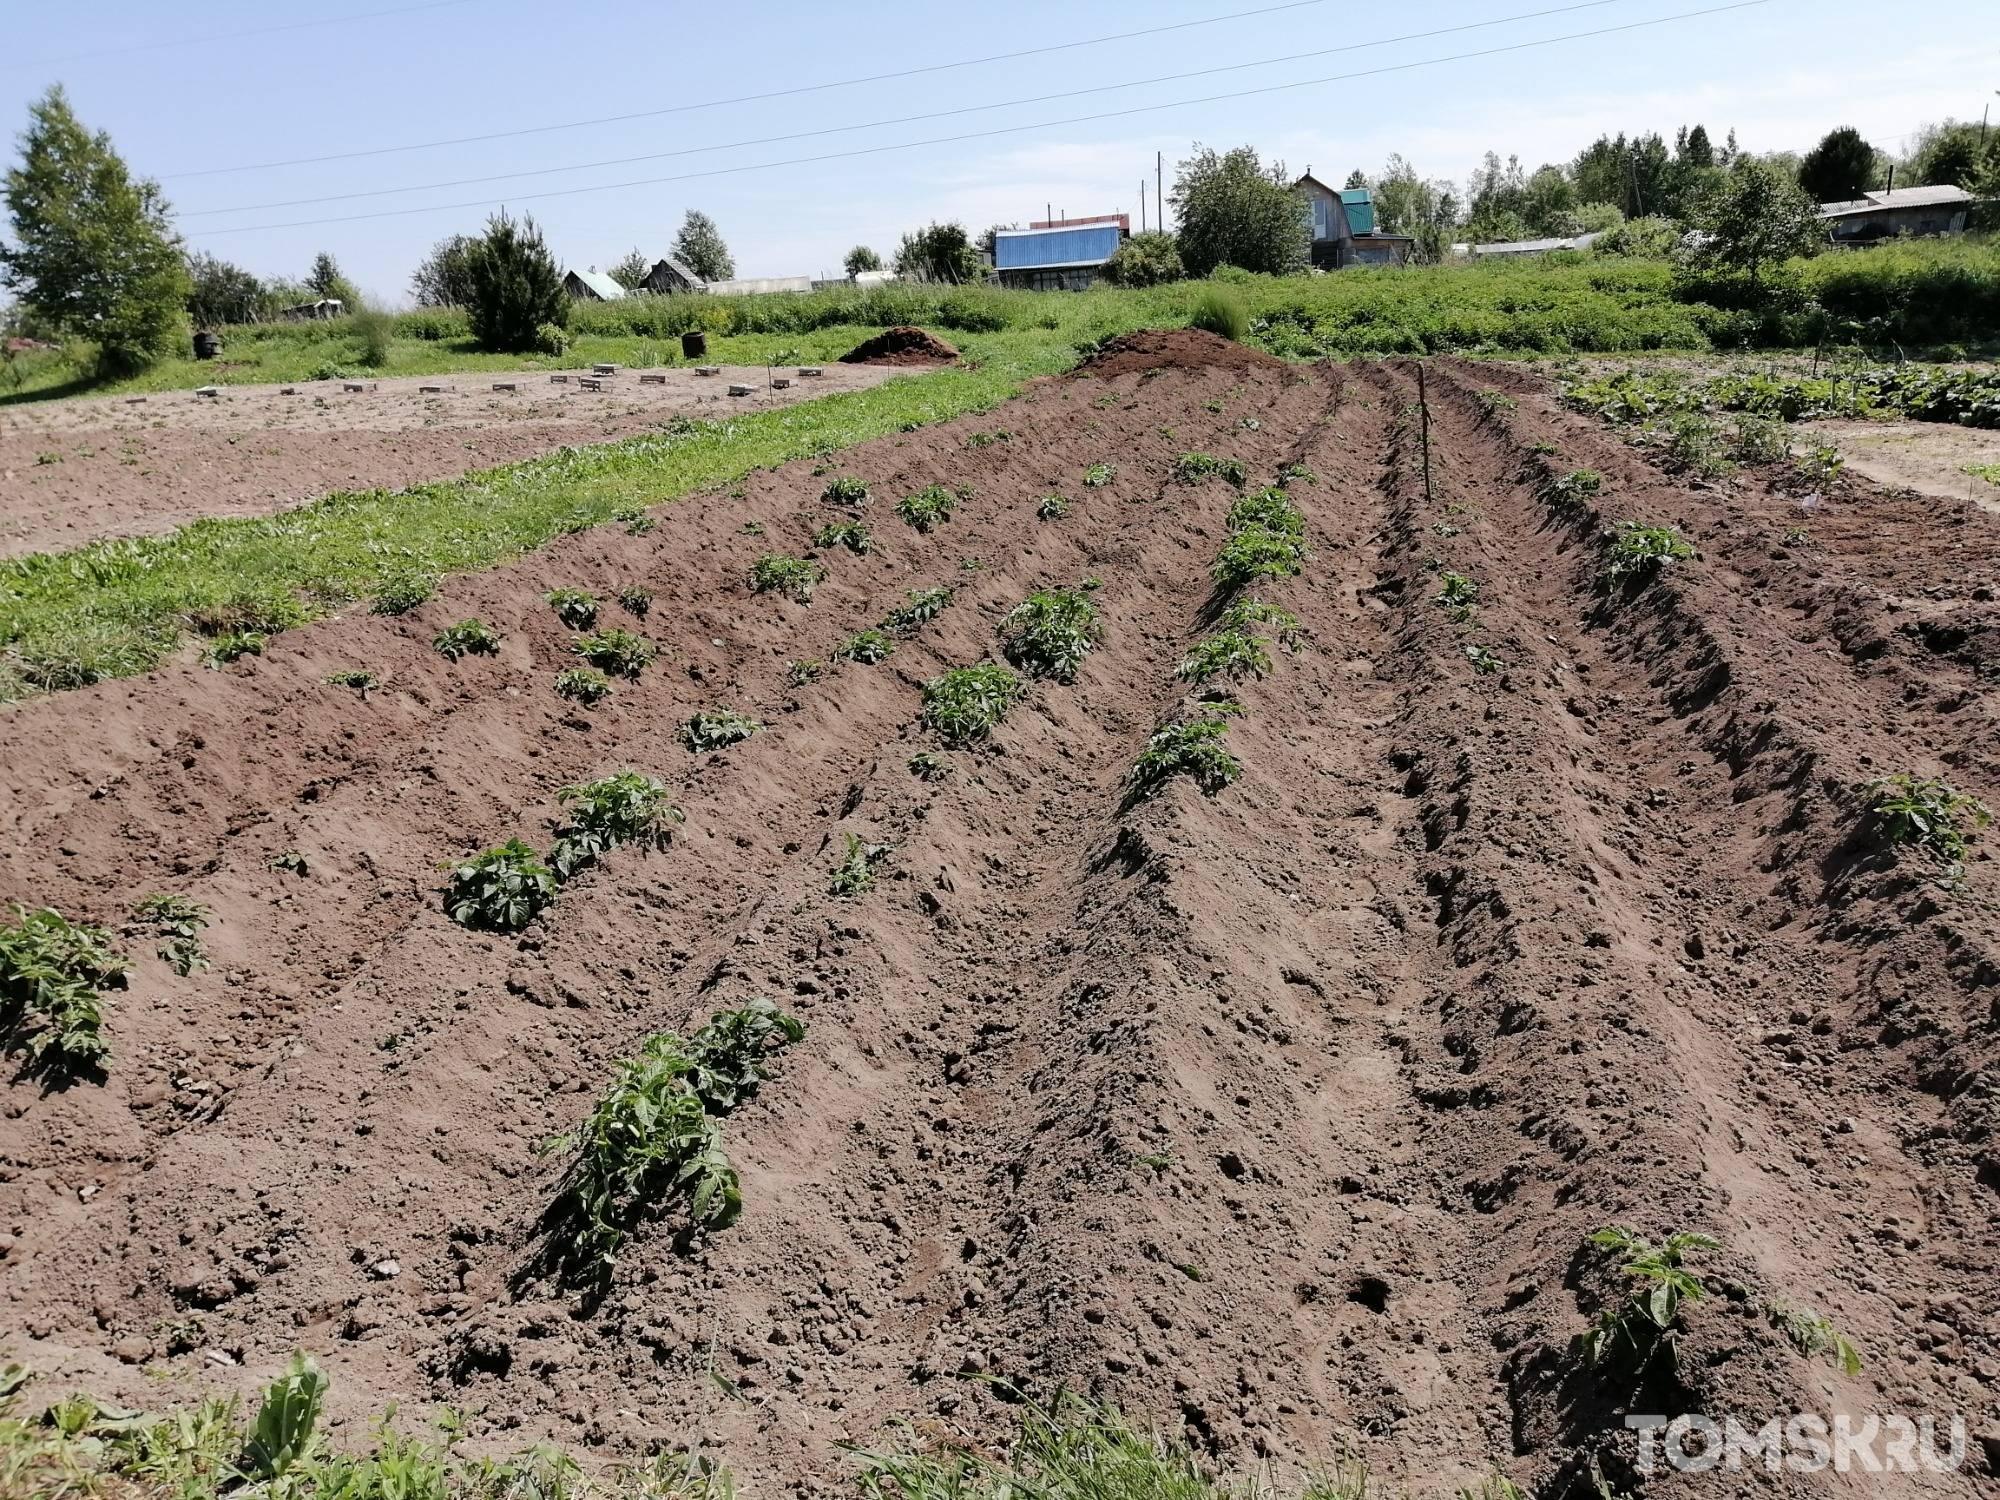 Как окучивать картошку вручную правильно: пошаговая инструкция традиционного, веерного способа и по замяткину, а также когда это лучше делать русский фермер